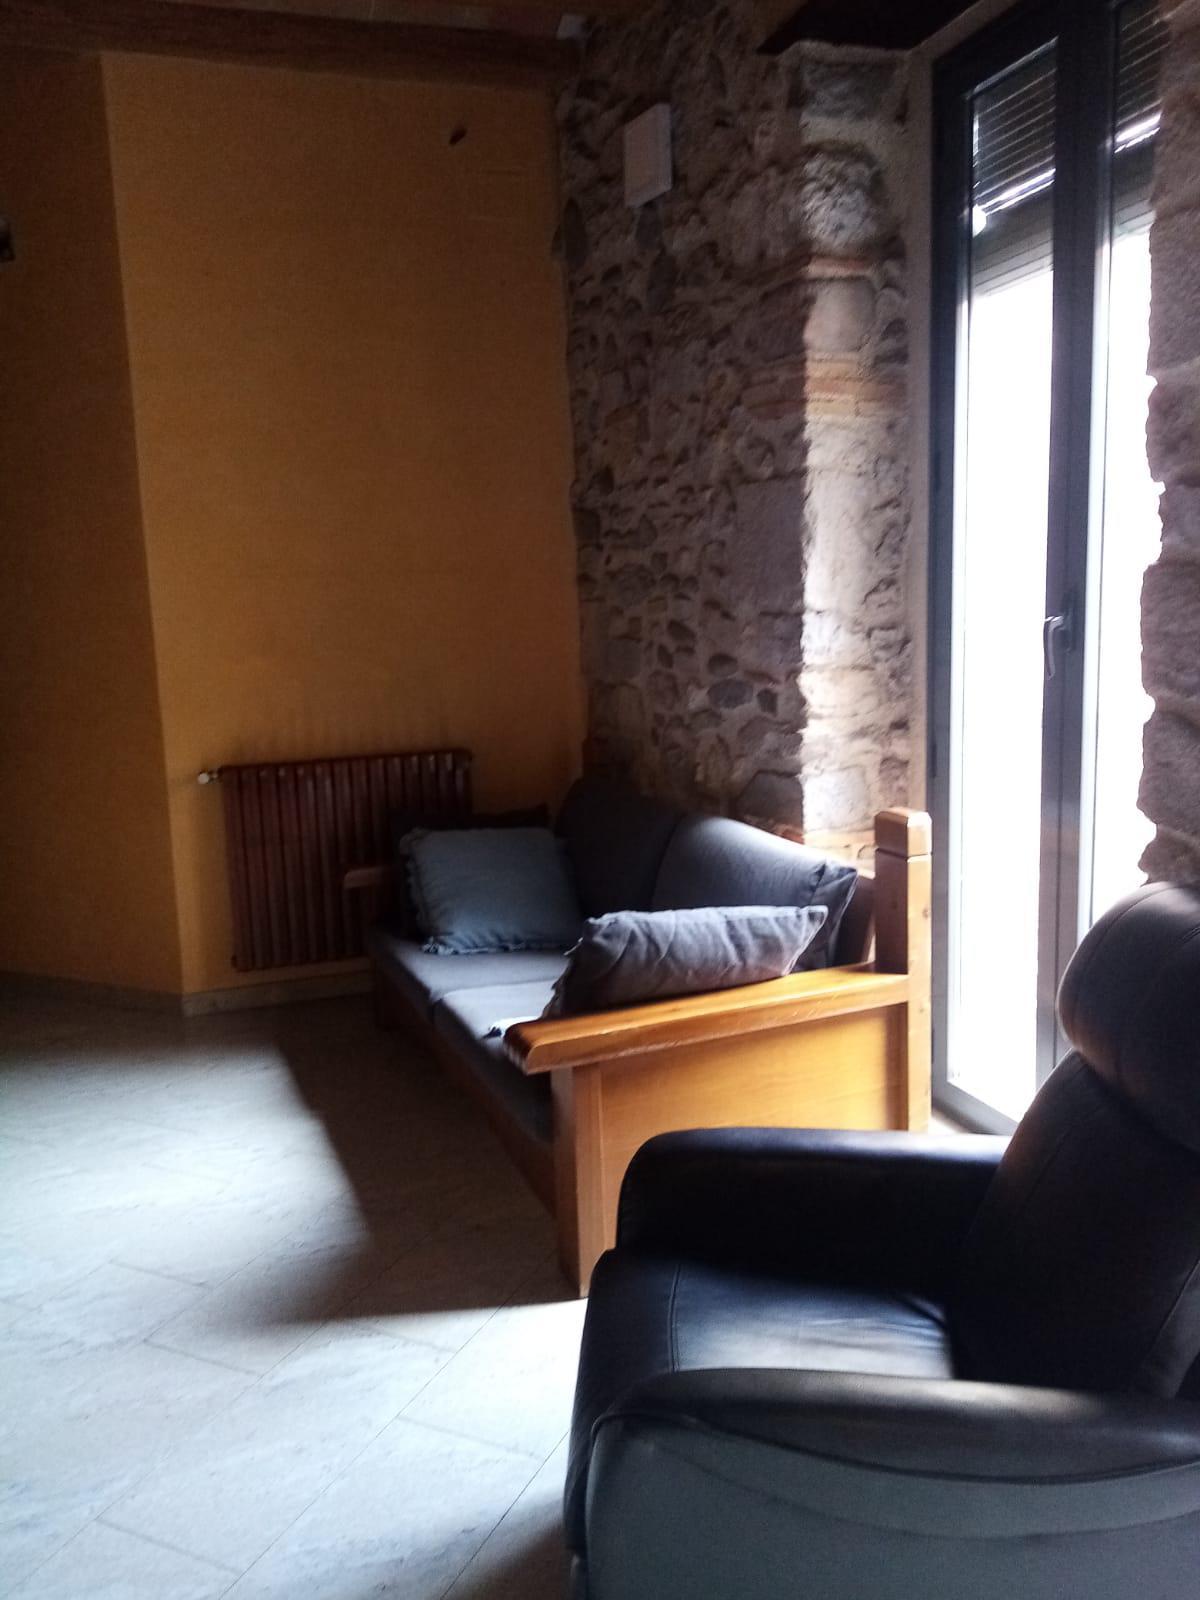 Imagen 4 Piso en alquiler en Girona / Fantastic pis  al costat de la Catedral de Girona.